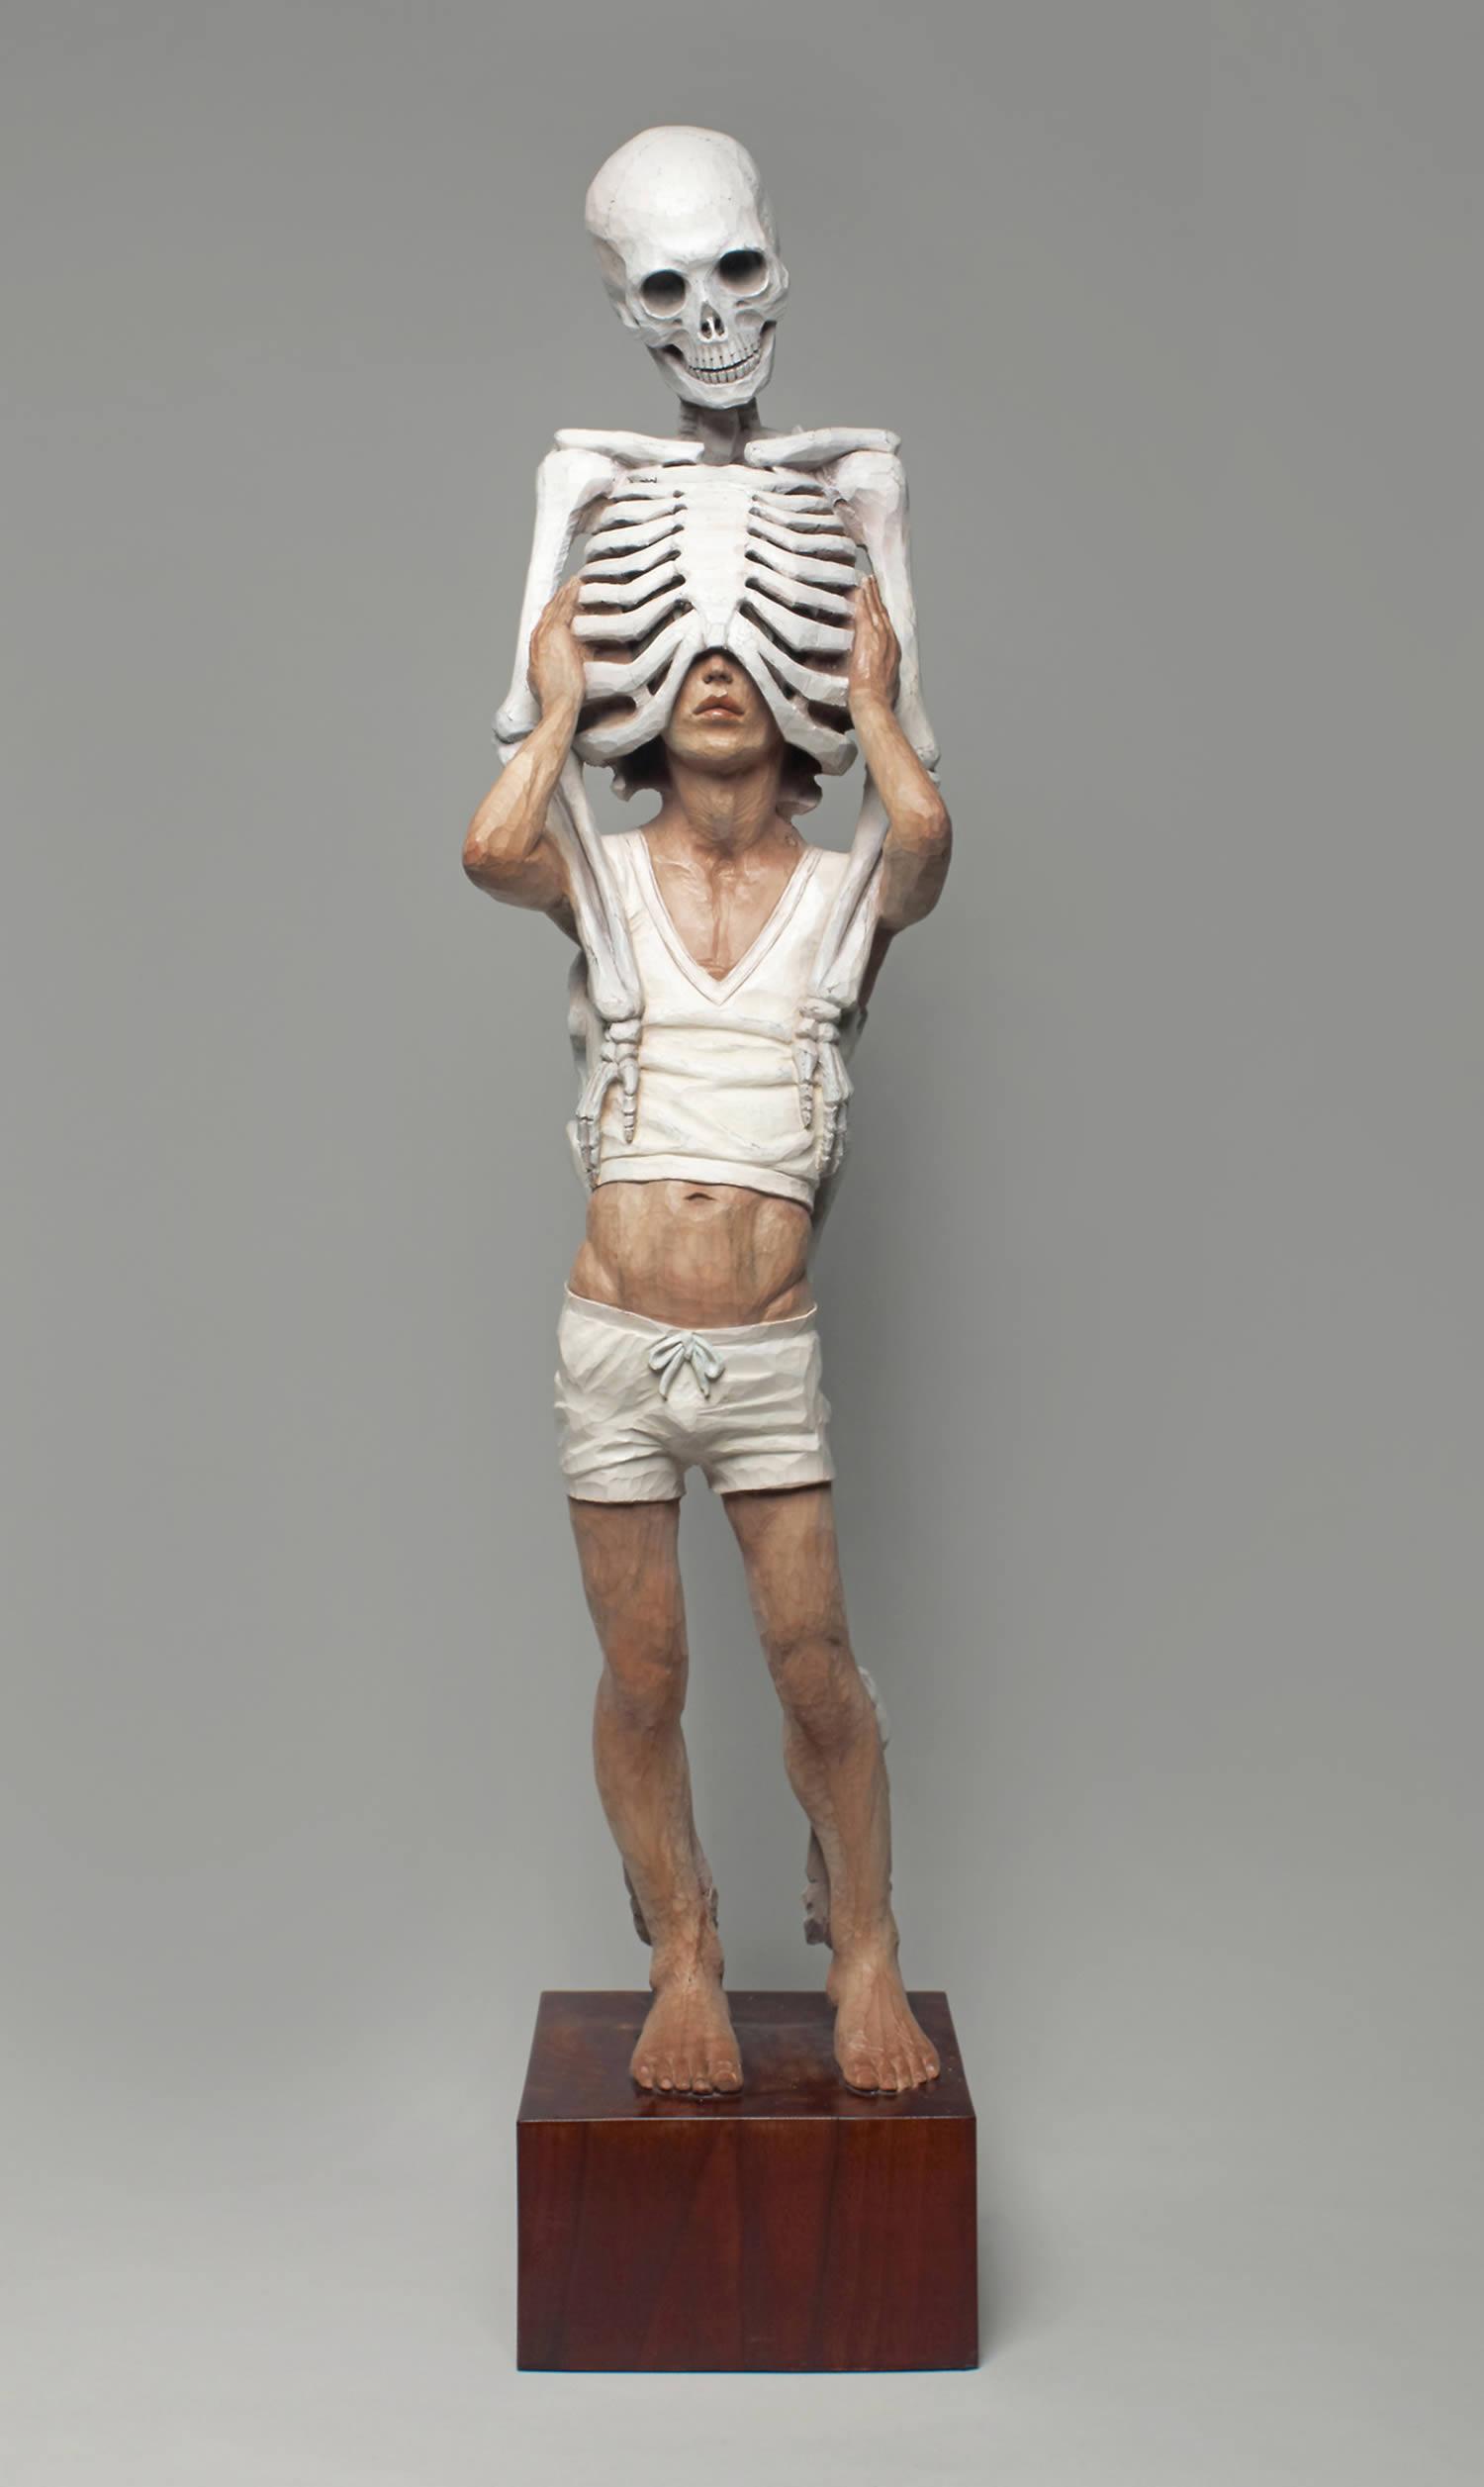 man with skeleton body, memento mori